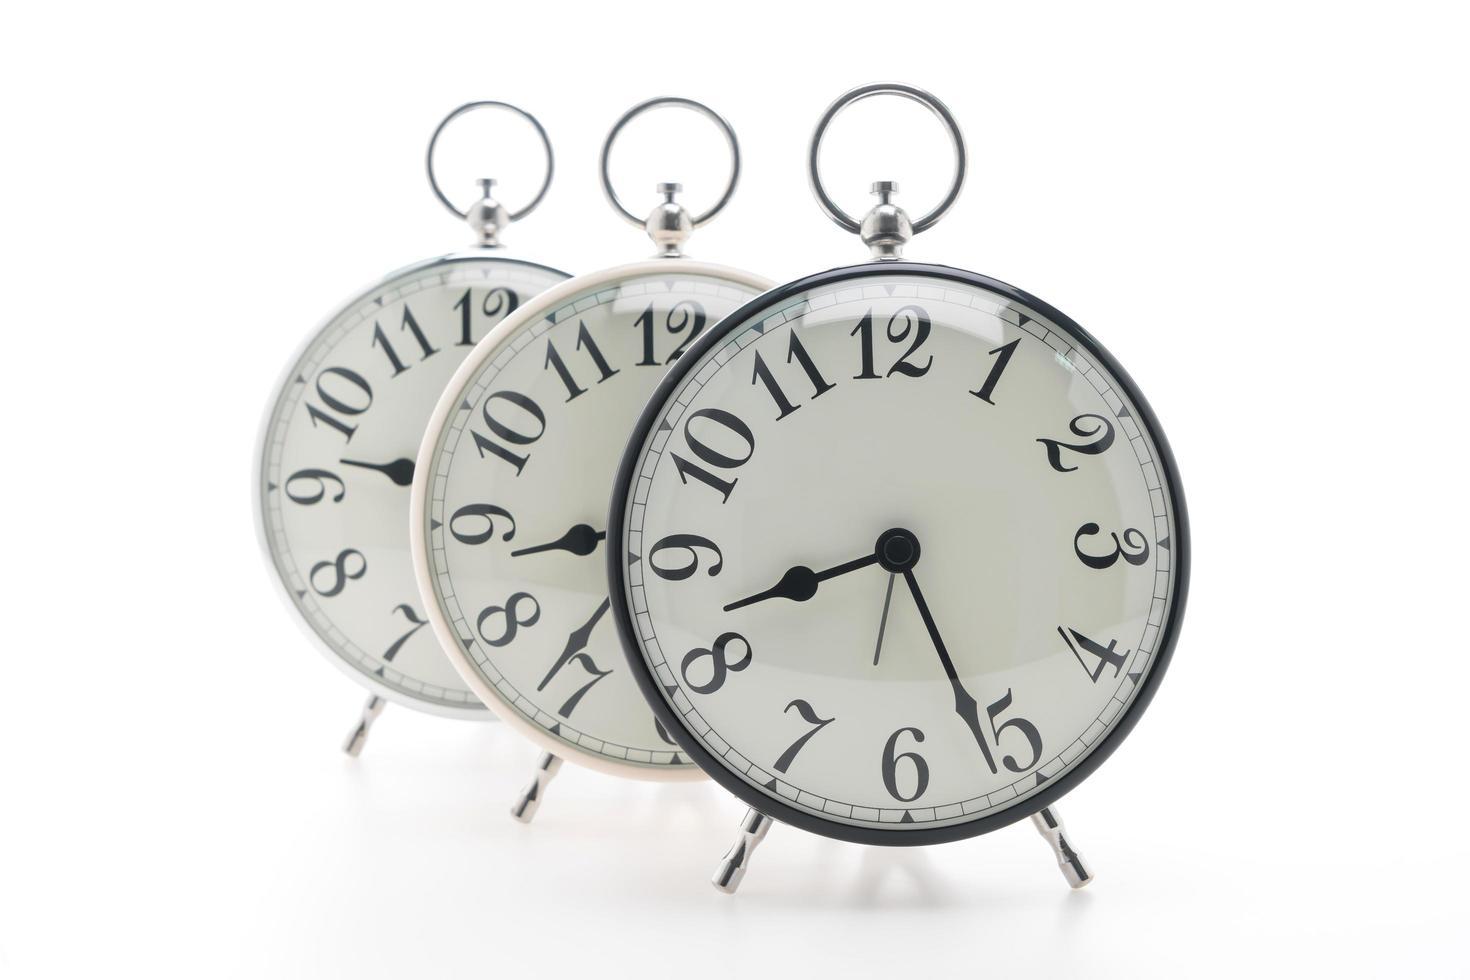 klassiska väckarklockor på vit bakgrund foto